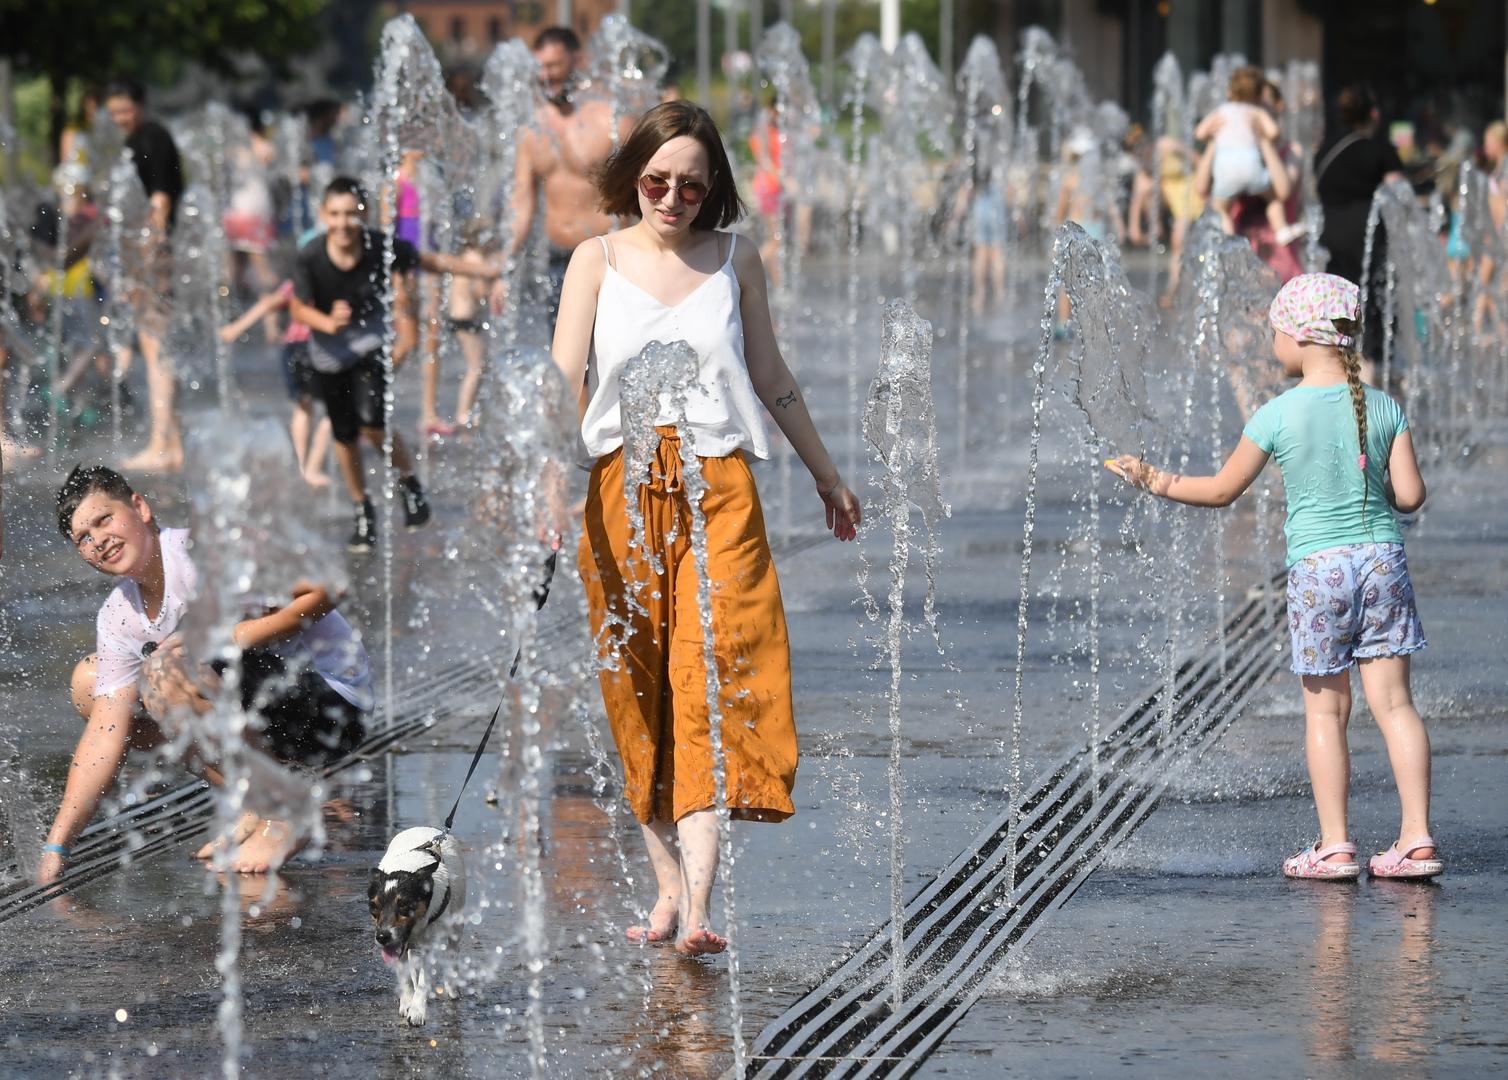 الأرصاد الجوية تتنبأ بانخفاض درجة الحرارة في موسكو الأسبوع القادم